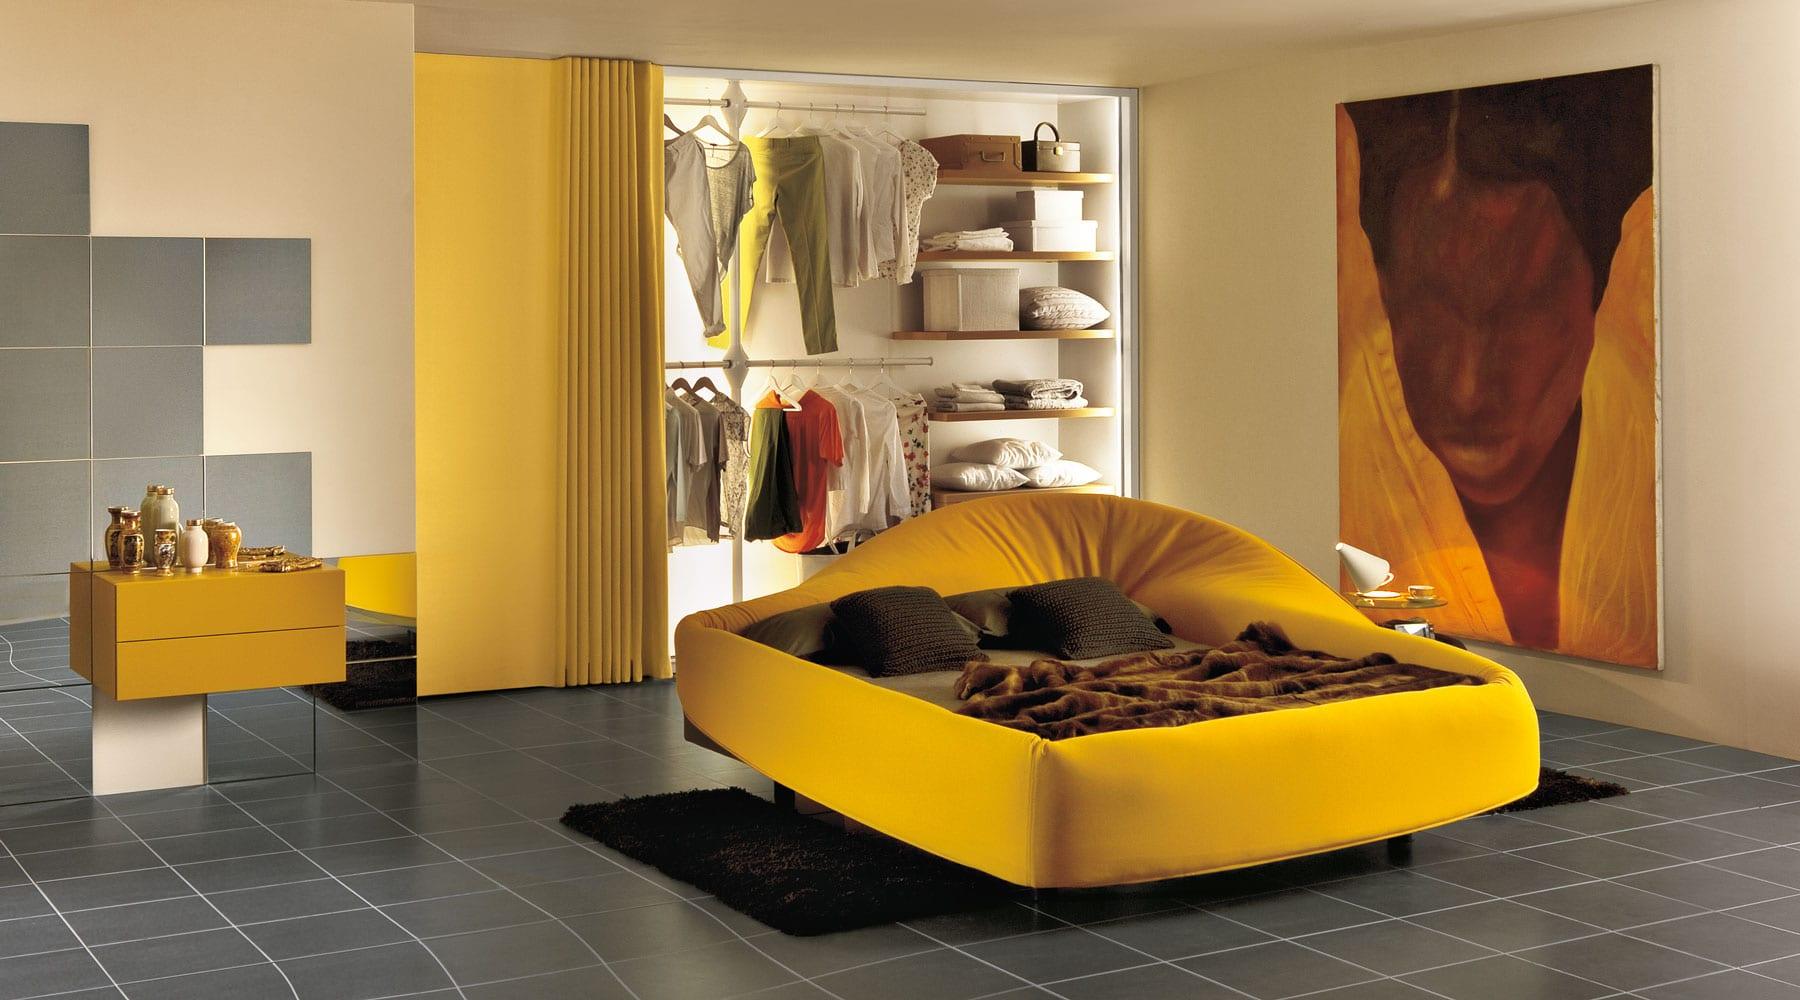 kreative schlafyimmer gestaltung mit gelben bett und nachttisch und modernes Kleiderschrankszstem mit schiebbarer Stoffbahn